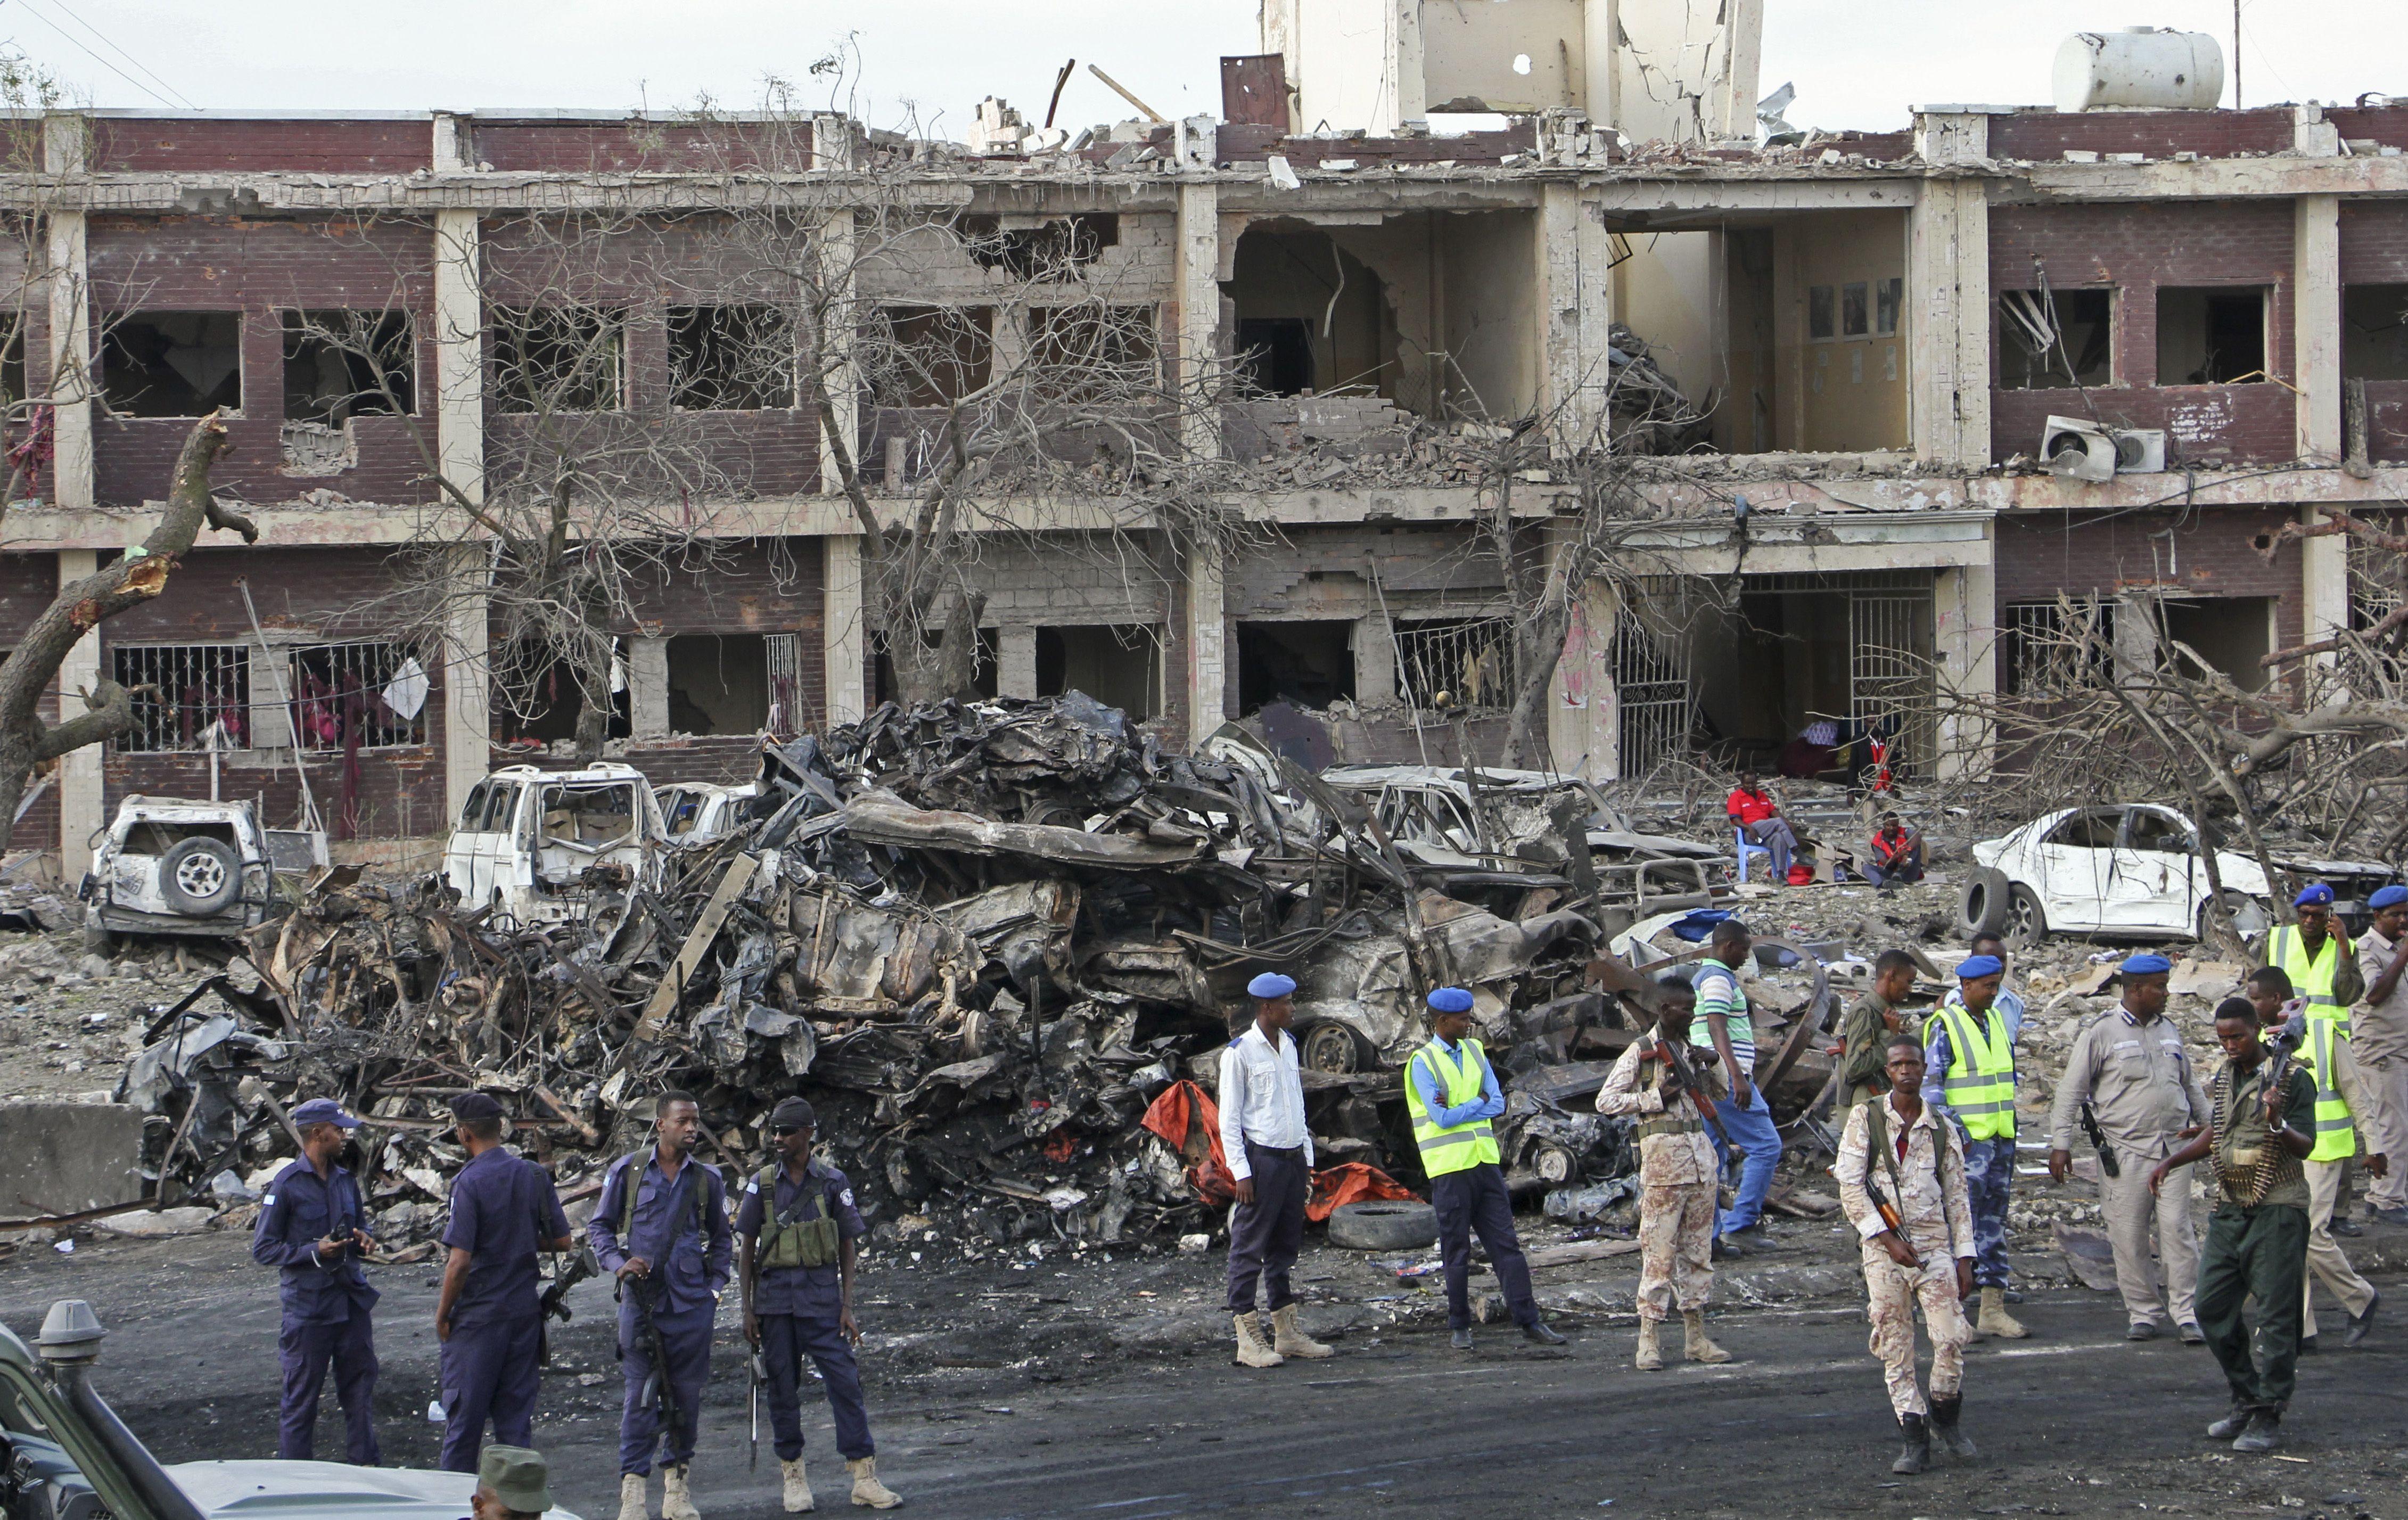 Camión bomba en Somalia deja al menos 276 muertos